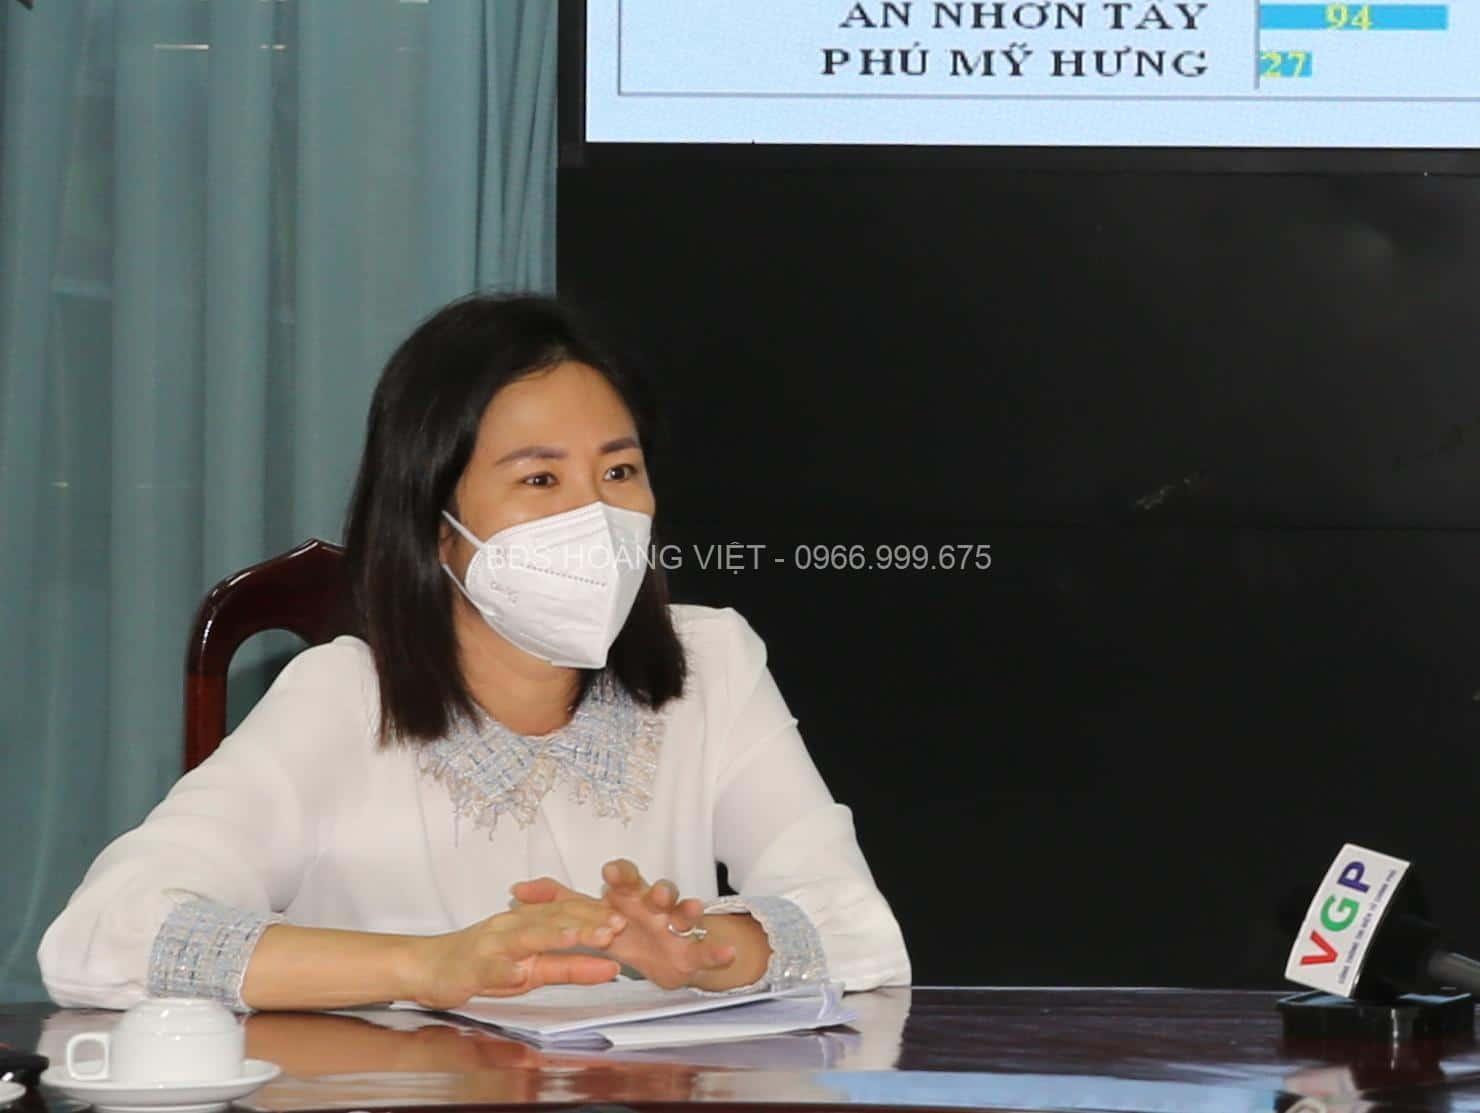 Chủ tịch UBND huyện Củ Chi Phạm Thị Thanh Hiền: Sức dân là sức mạnh to lớn nhất để chống dịch thành công - Ảnh VGP